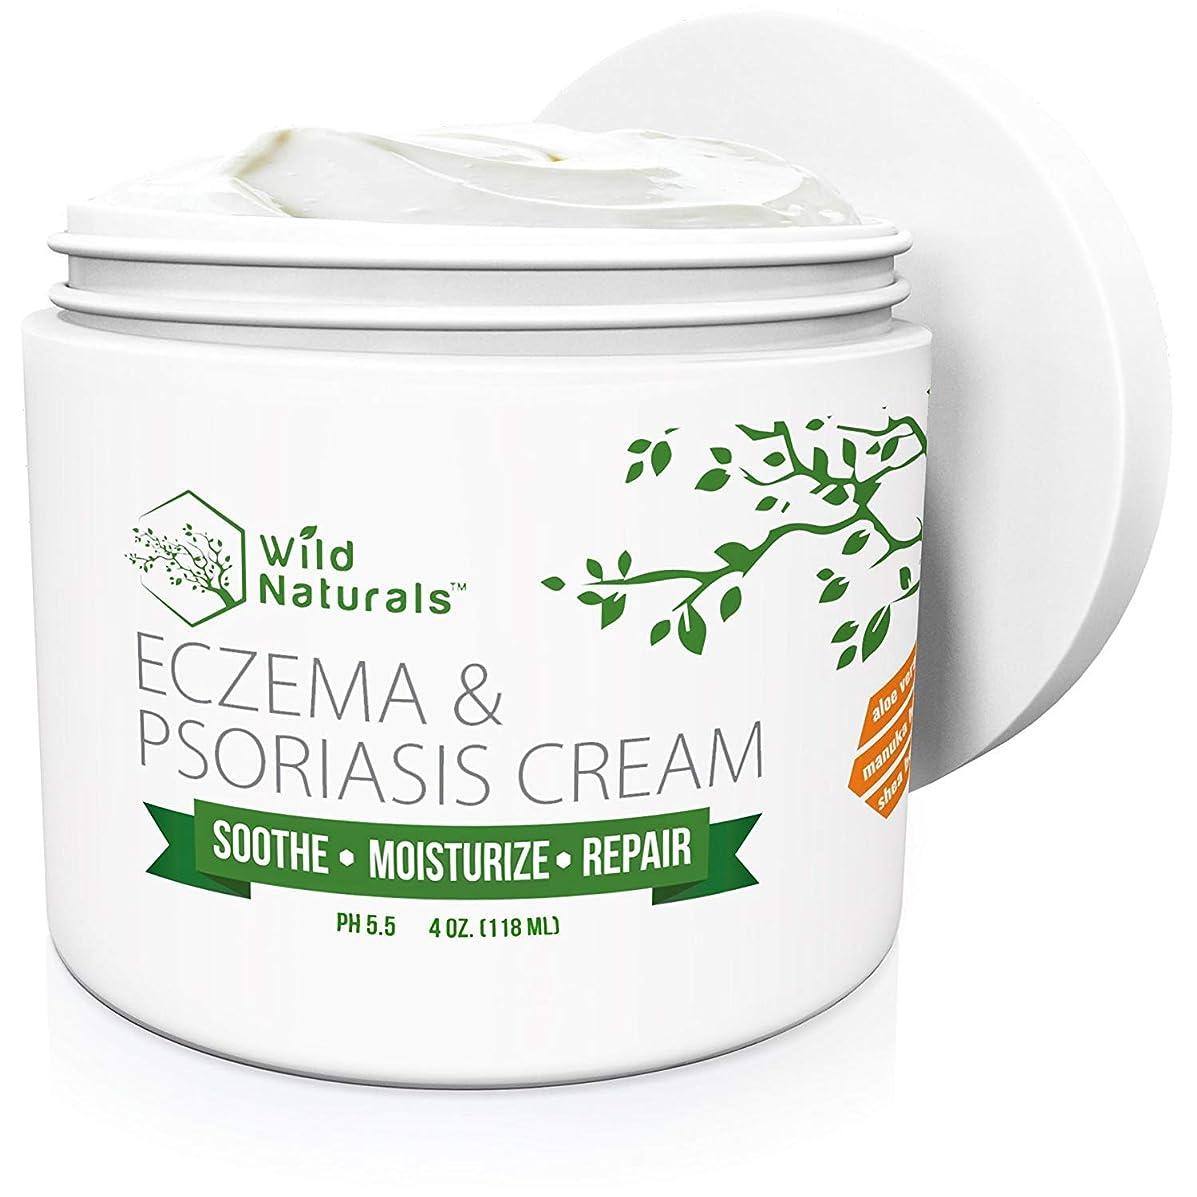 博覧会同一のタービンWild Naturals Eczema Psoriasis Cream - for Dry, Irritated Skin, Itch Relief, Dermatitis, Rosacea, and Shingles. Natural 15-in-1 Formula Promotes Healing and Calms Redness, Rash and Itching Fast [並行輸入品]